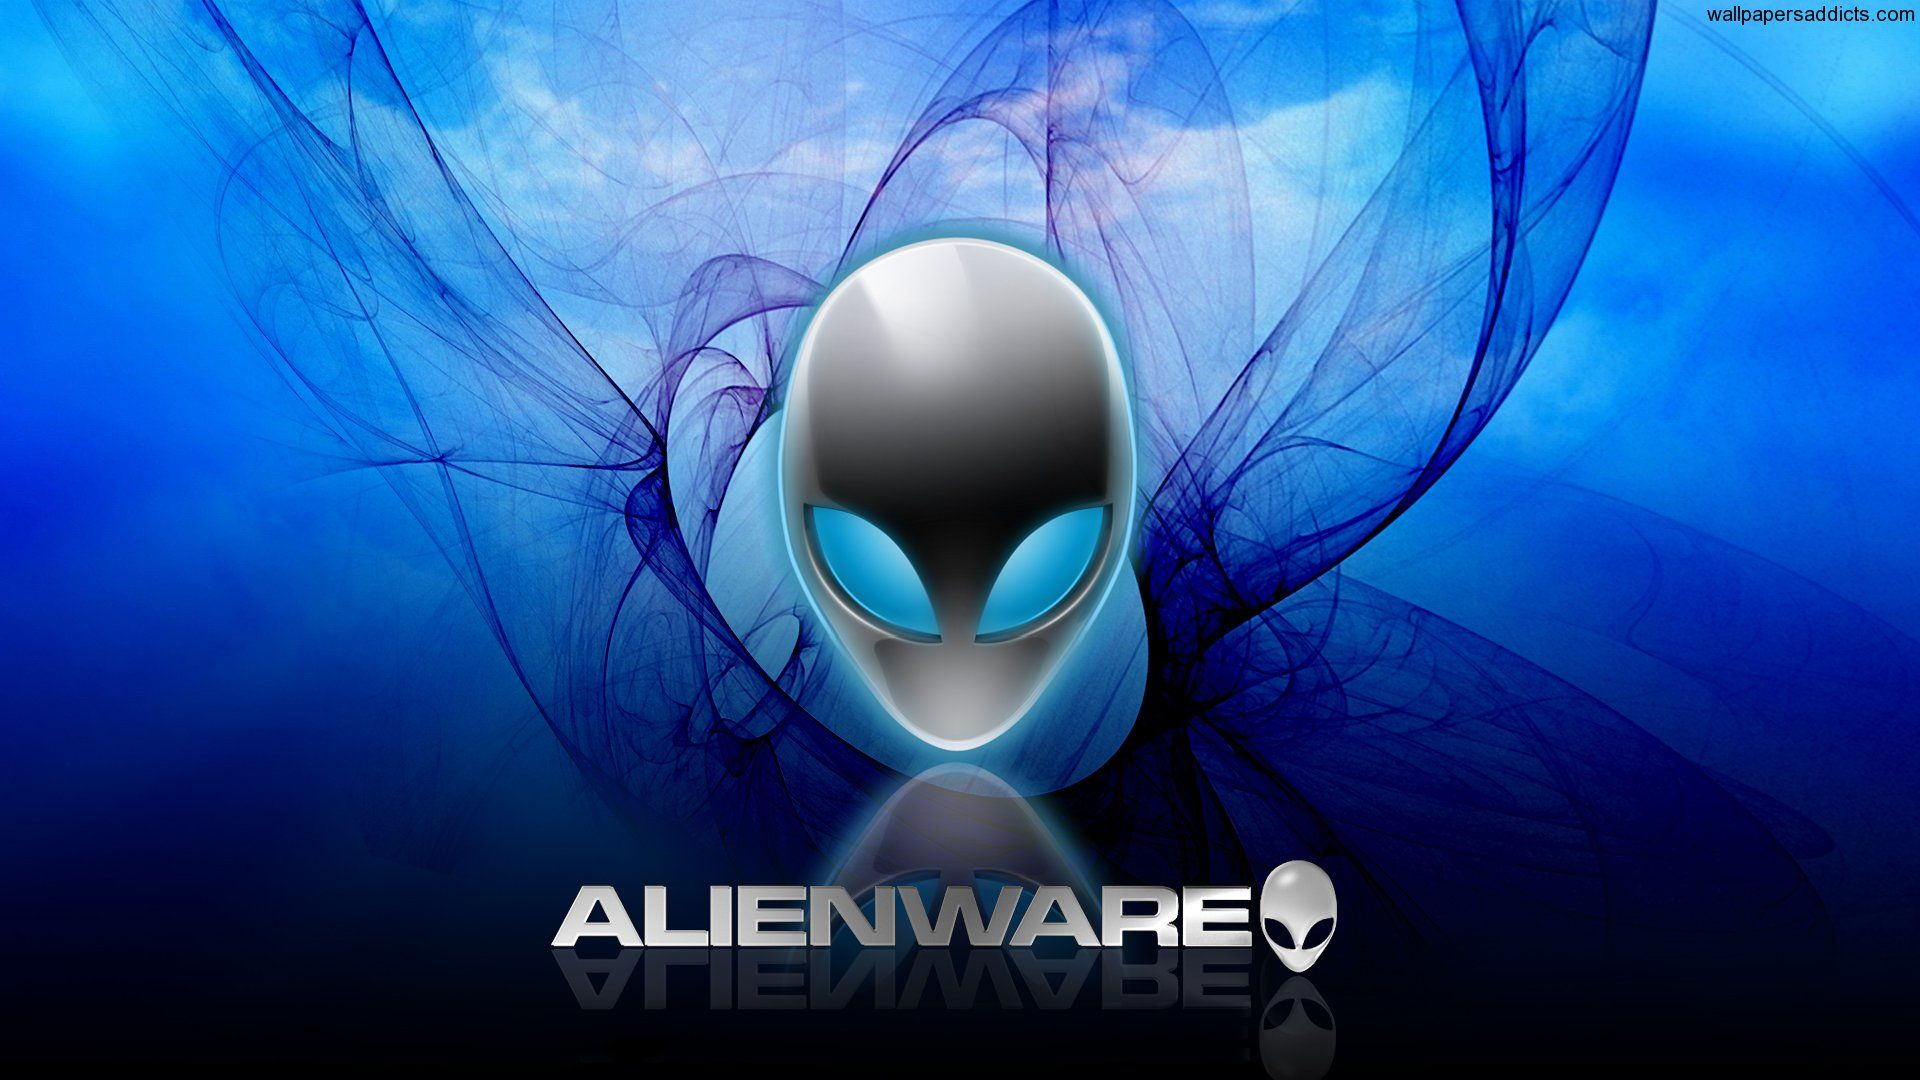 Alienware Chrome 1080p HD Wallpaper Les aliens